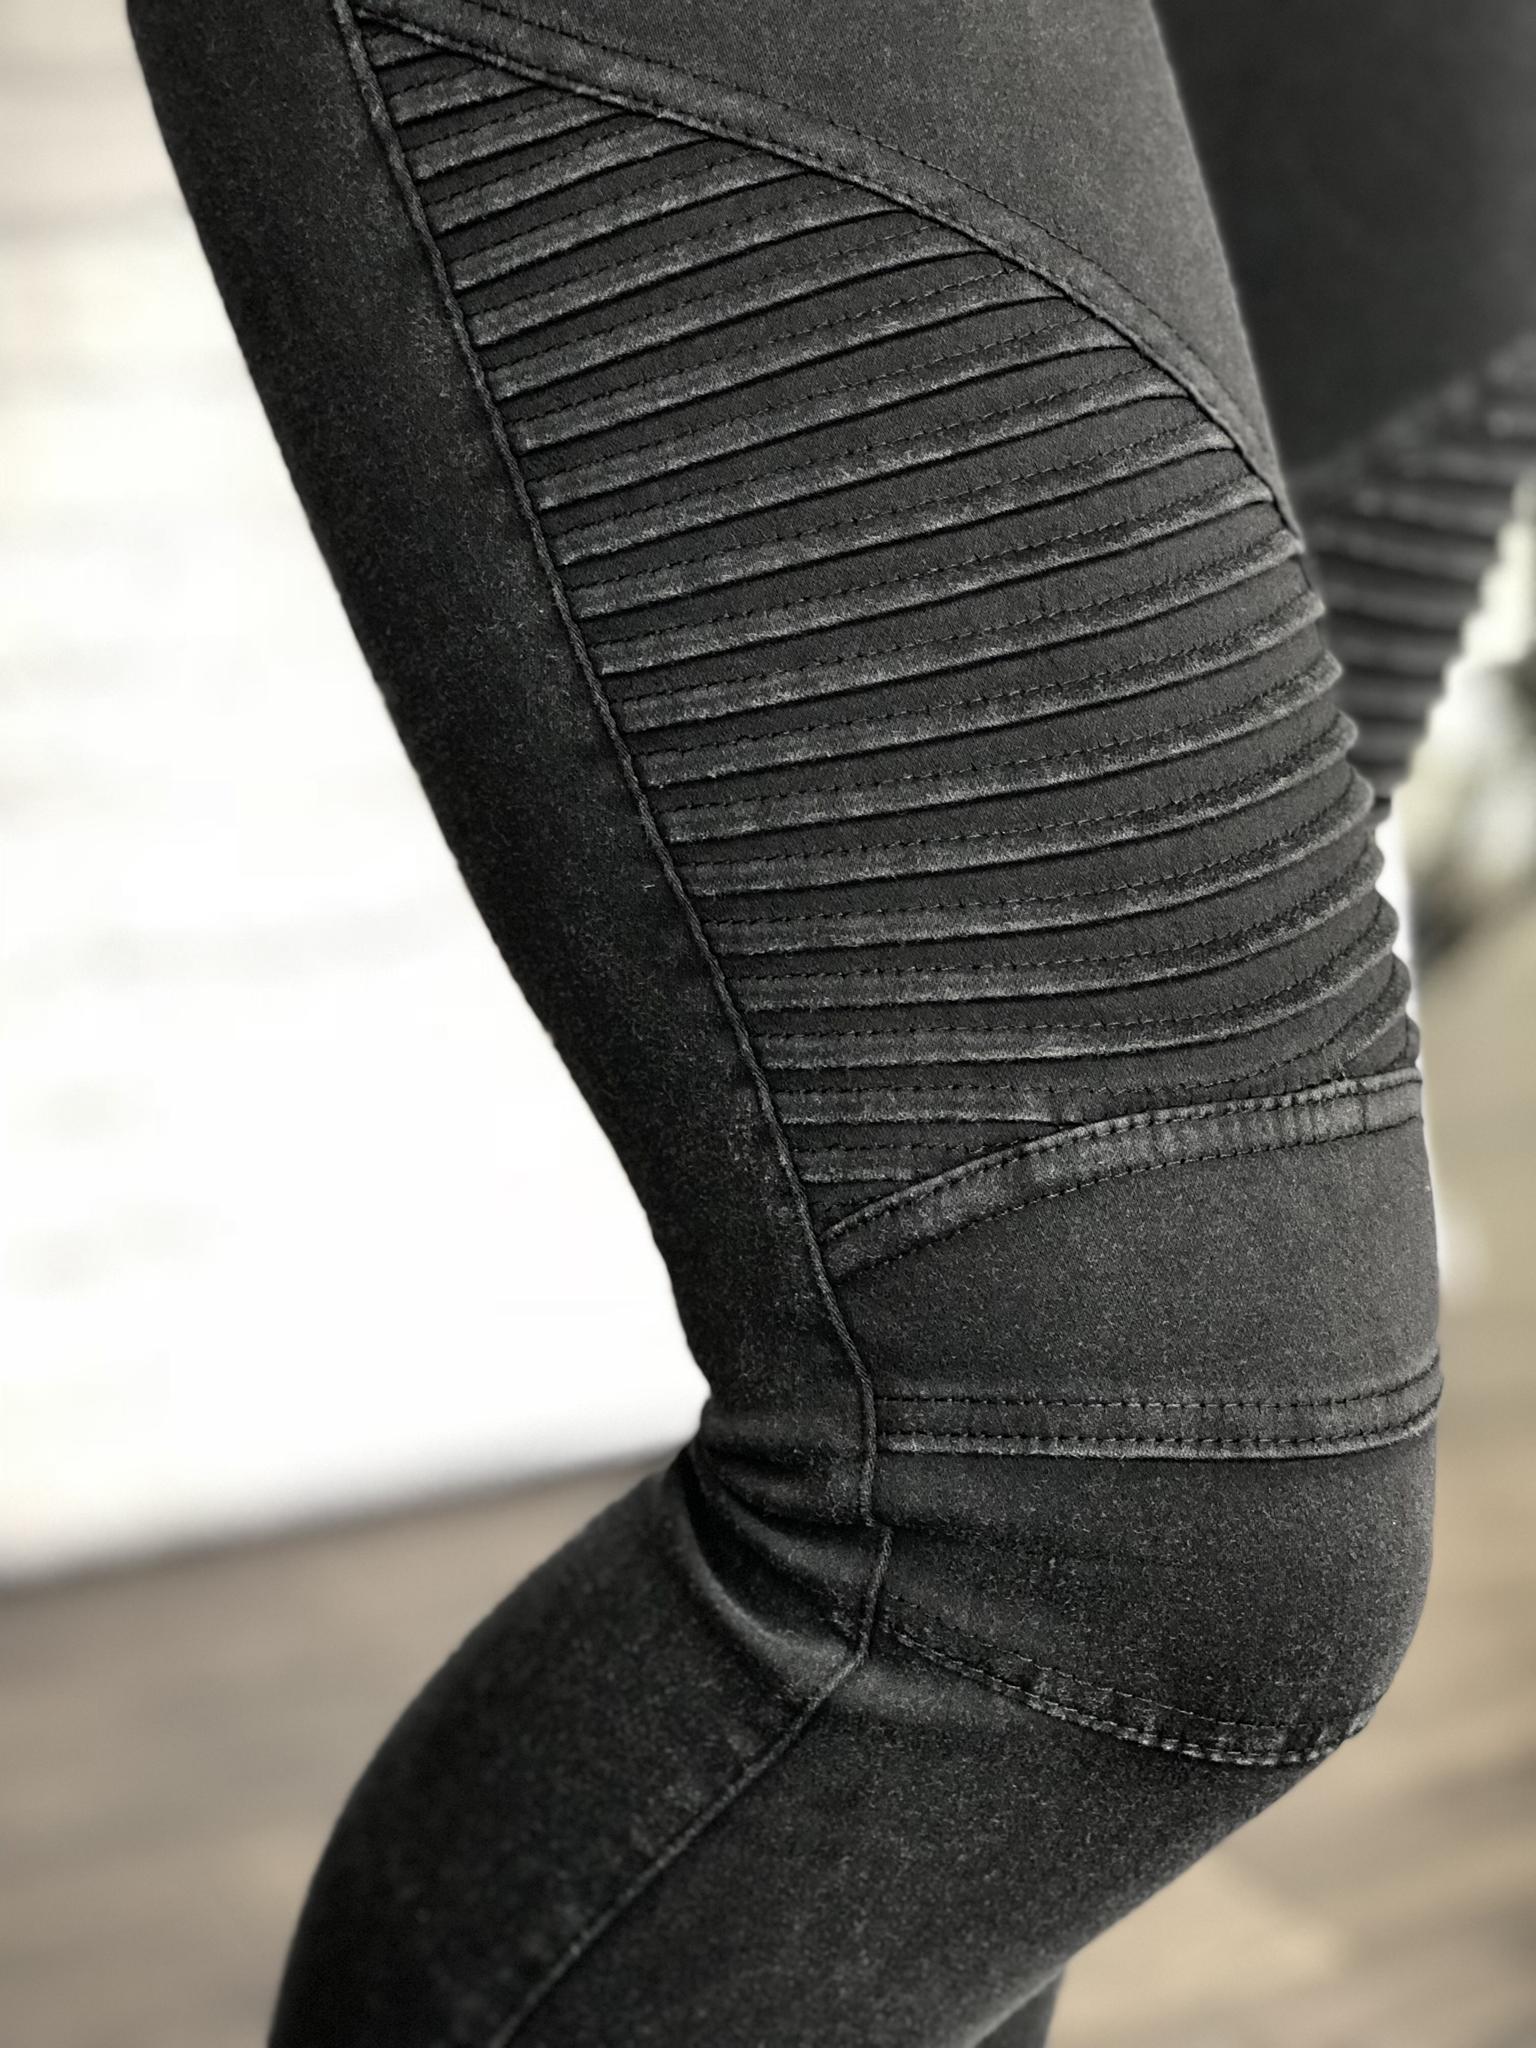 Motto Leggings - Distressed Black 9987298